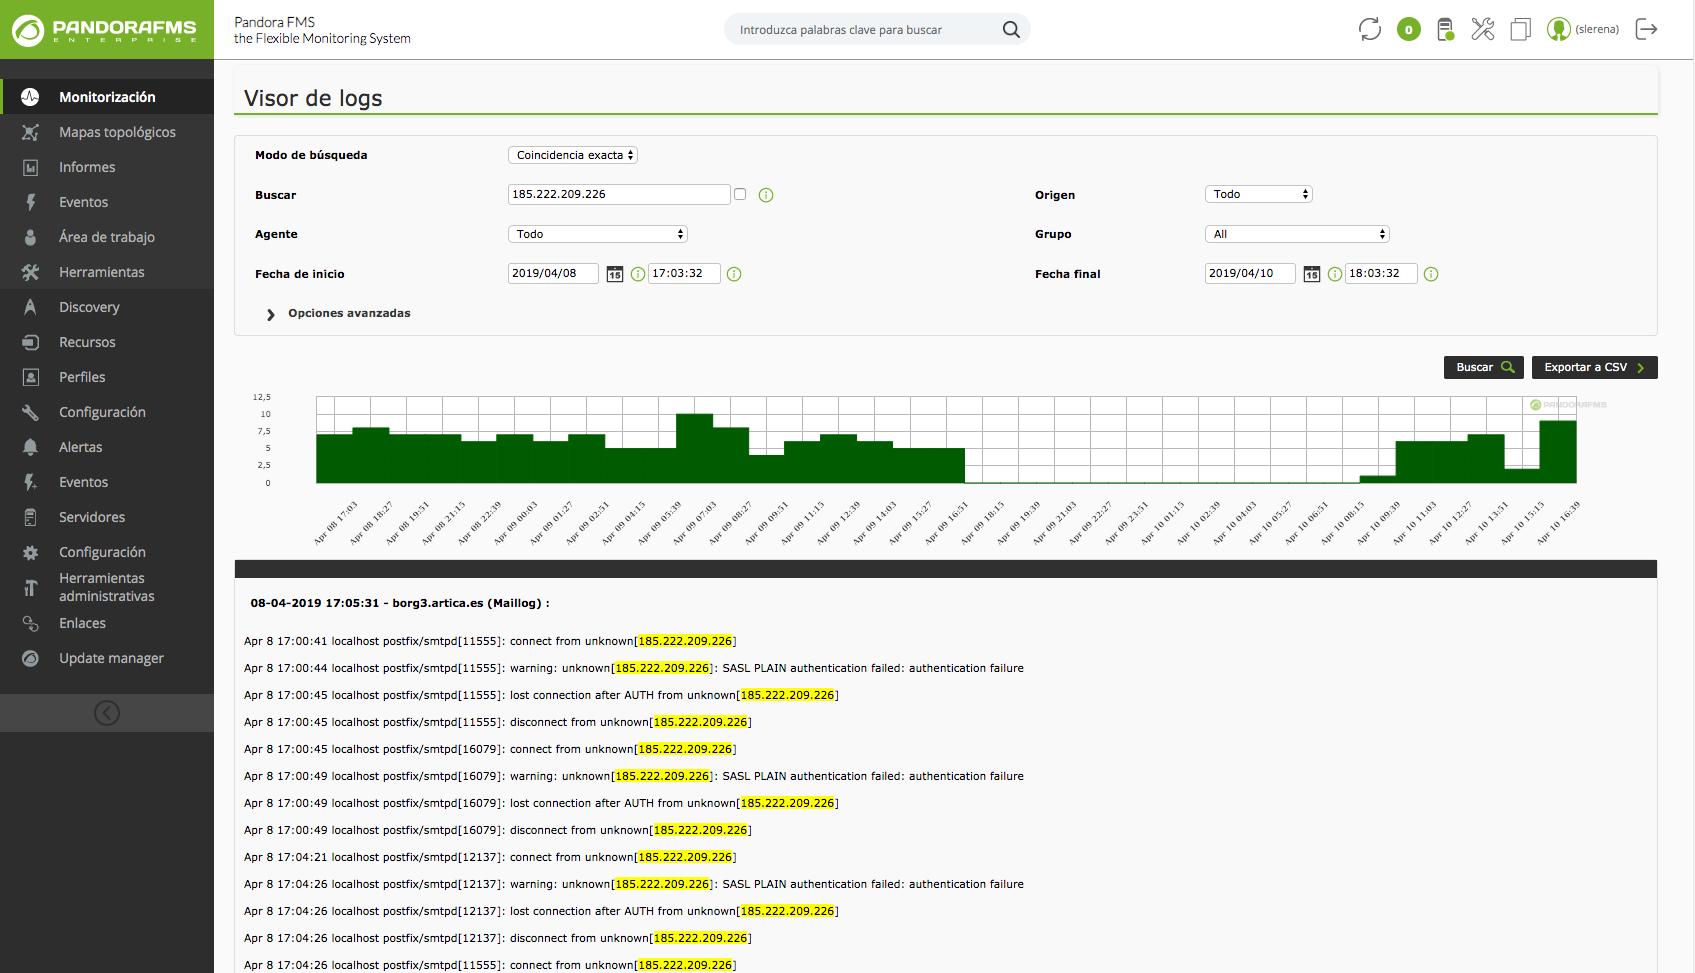 Pandora FMS inclut LogStash + ElasticSearch pour stocker l'information de logs, ce qui entraîne une amélioration notable de la performance